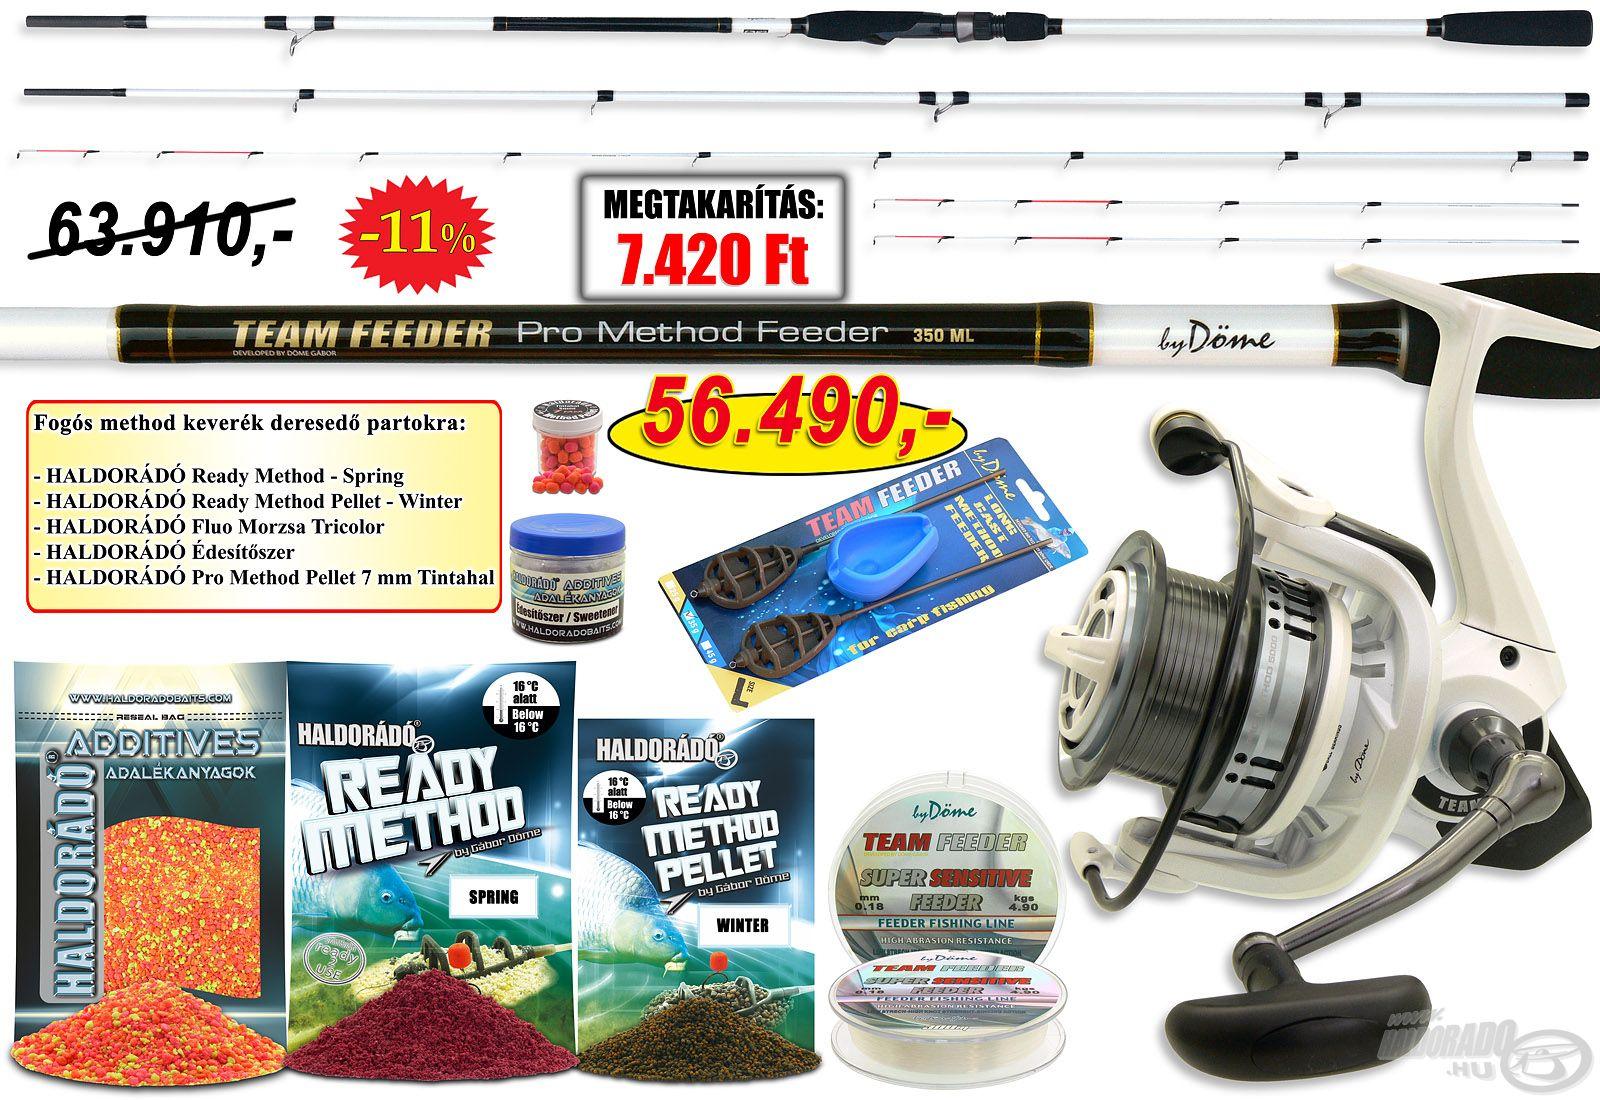 Ezzel a szettel kifejezetten finom method horgászatra alkalmas összeállítást adunk a céltudatos hobbi- és a versenyhorgászok kezébe!